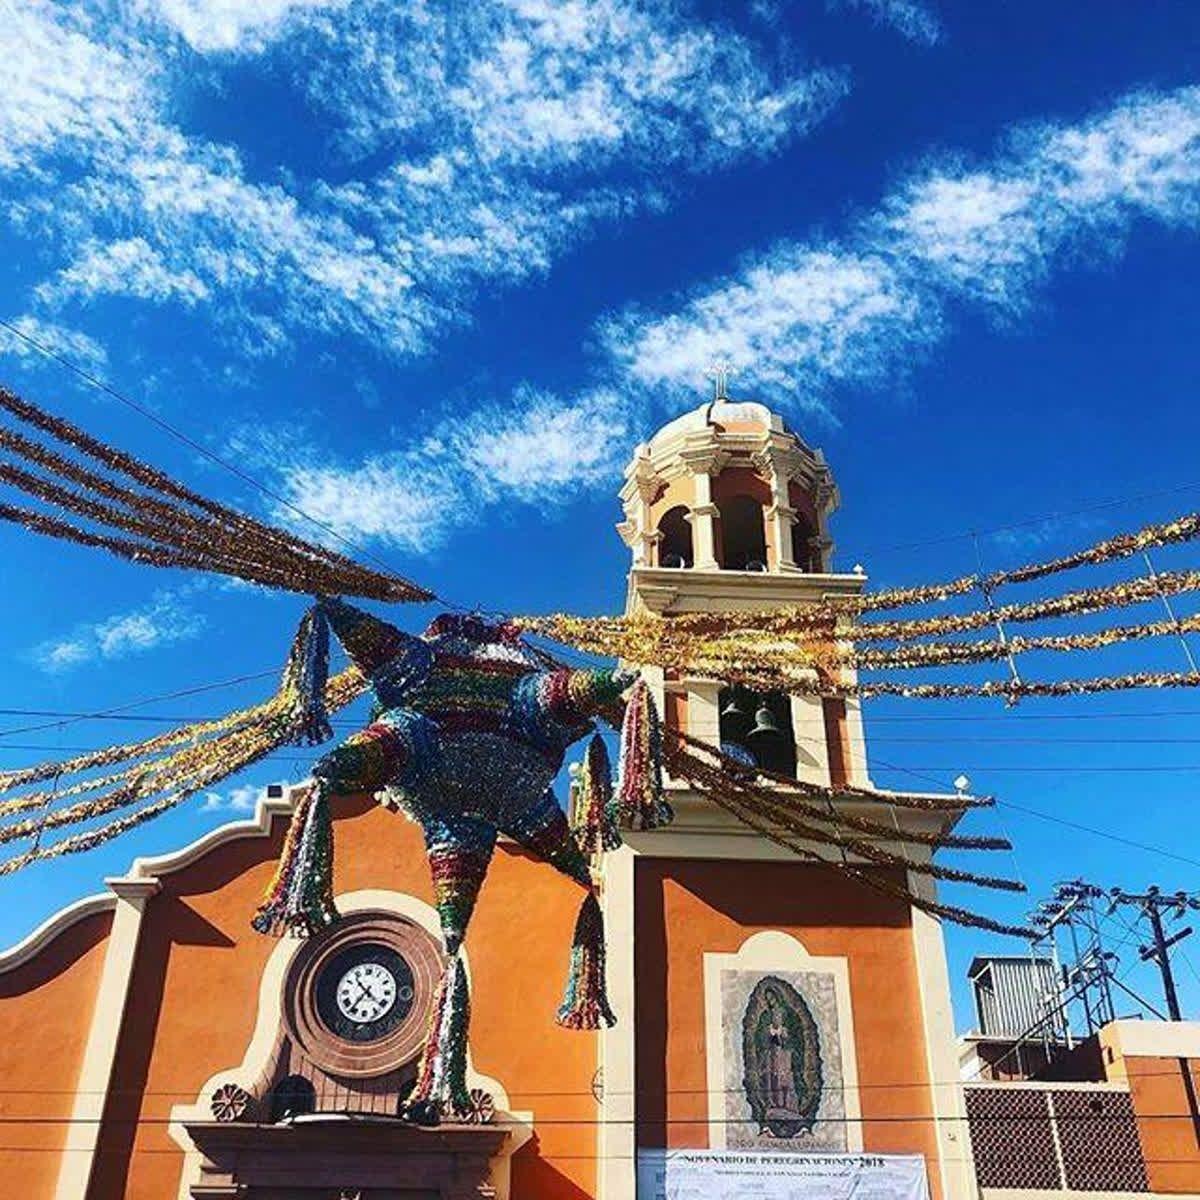 es alegria, Mexicali es felicidad ¡Vive el norte! 🎉 inicia tu aventura en 📷deborahbribies